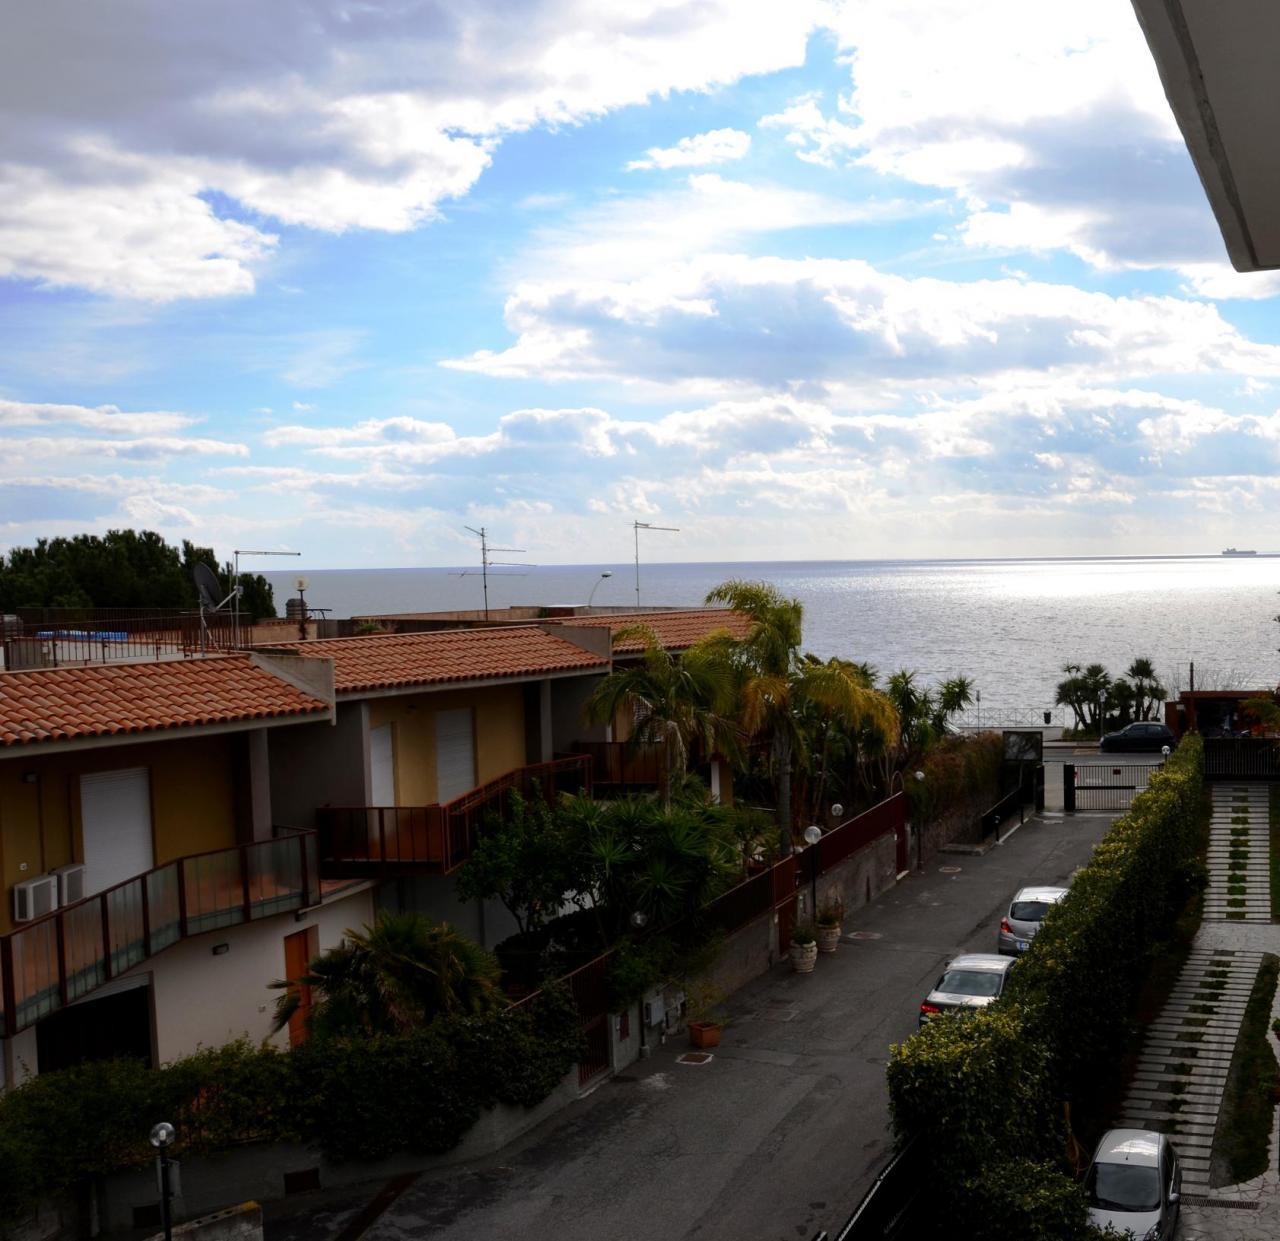 Appartamento in affitto a Aci Castello, 2 locali, zona Località: AciCastello, prezzo € 750 | CambioCasa.it